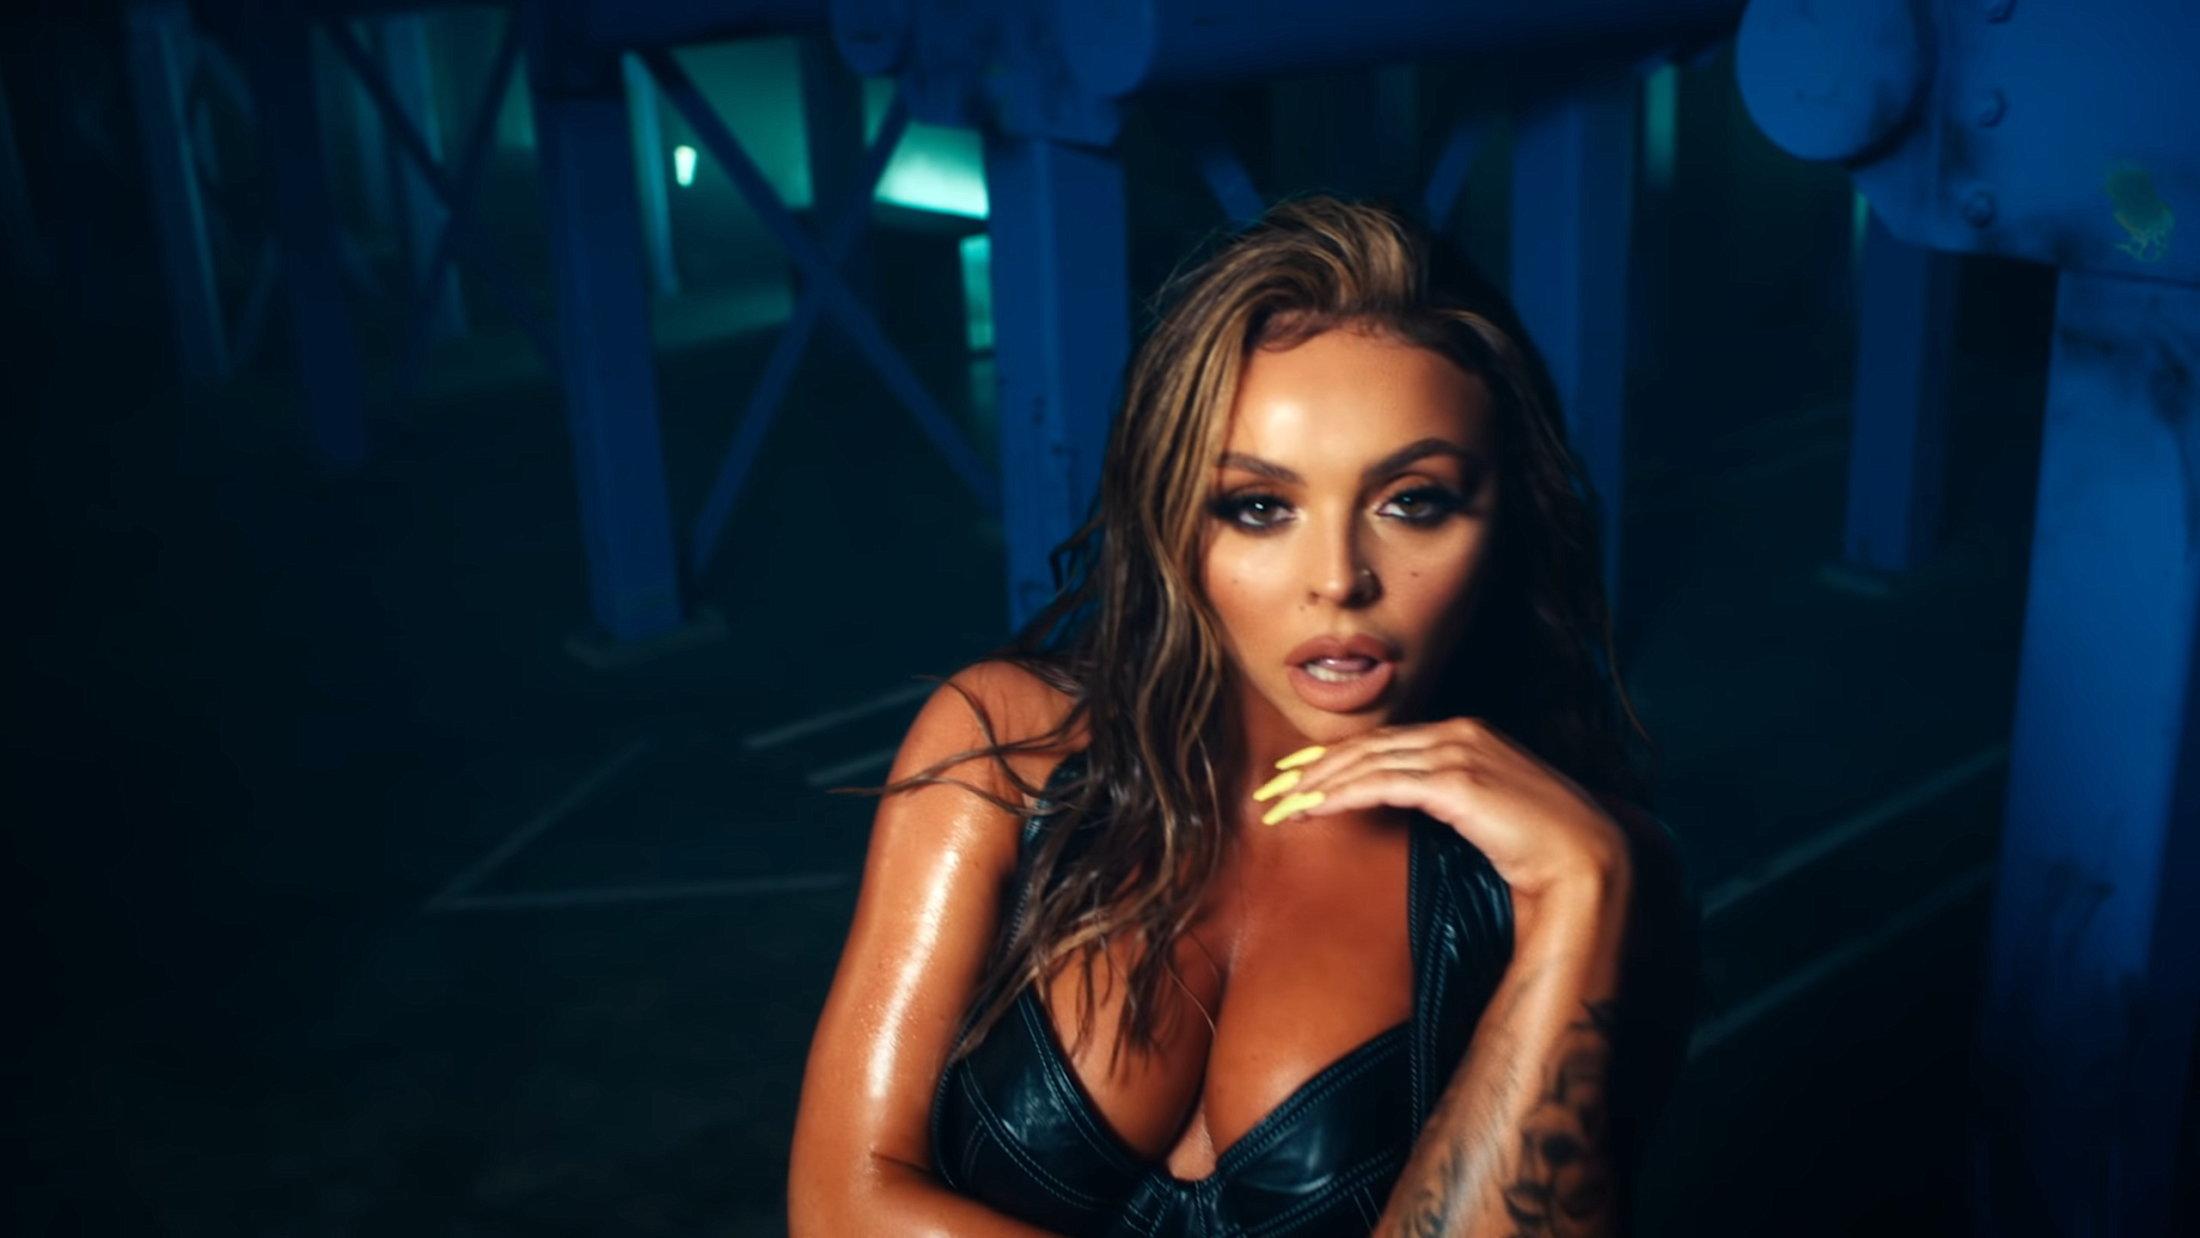 Little Mix - Sweet Melody (Official Video) 0-48 Screenshot